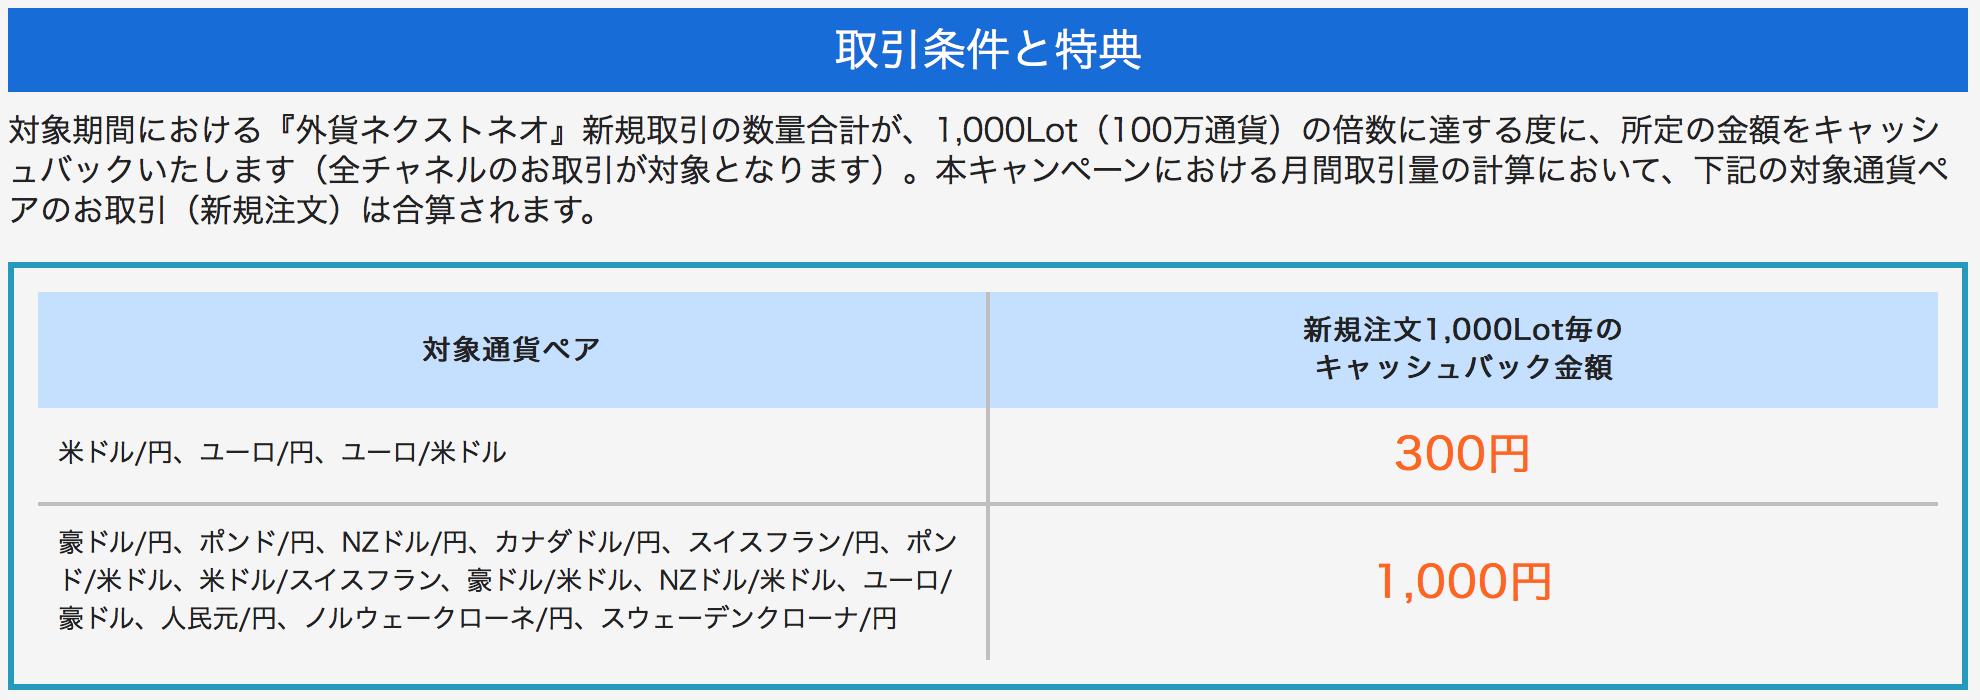 スクリーンショット 2017-02-02 15.26.28